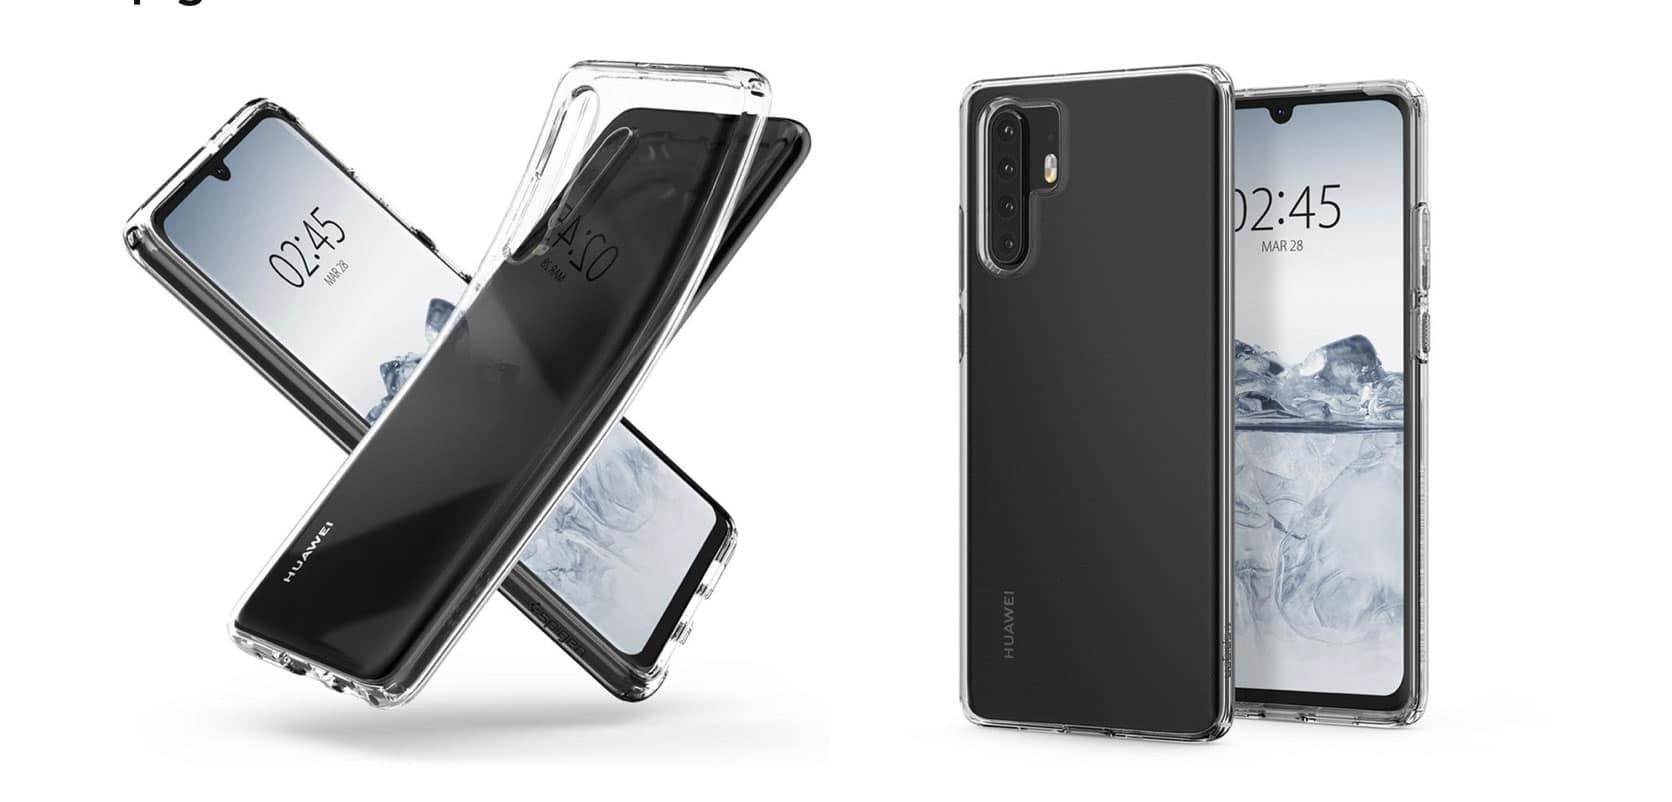 Pixel-Schlacht geht in die nächste Runde: Huawei P30 Pro Kamera-Details enthüllt 12 techboys.de • smarte News, auf den Punkt! Pixel-Schlacht geht in die nächste Runde: Huawei P30 Pro Kamera-Details enthüllt